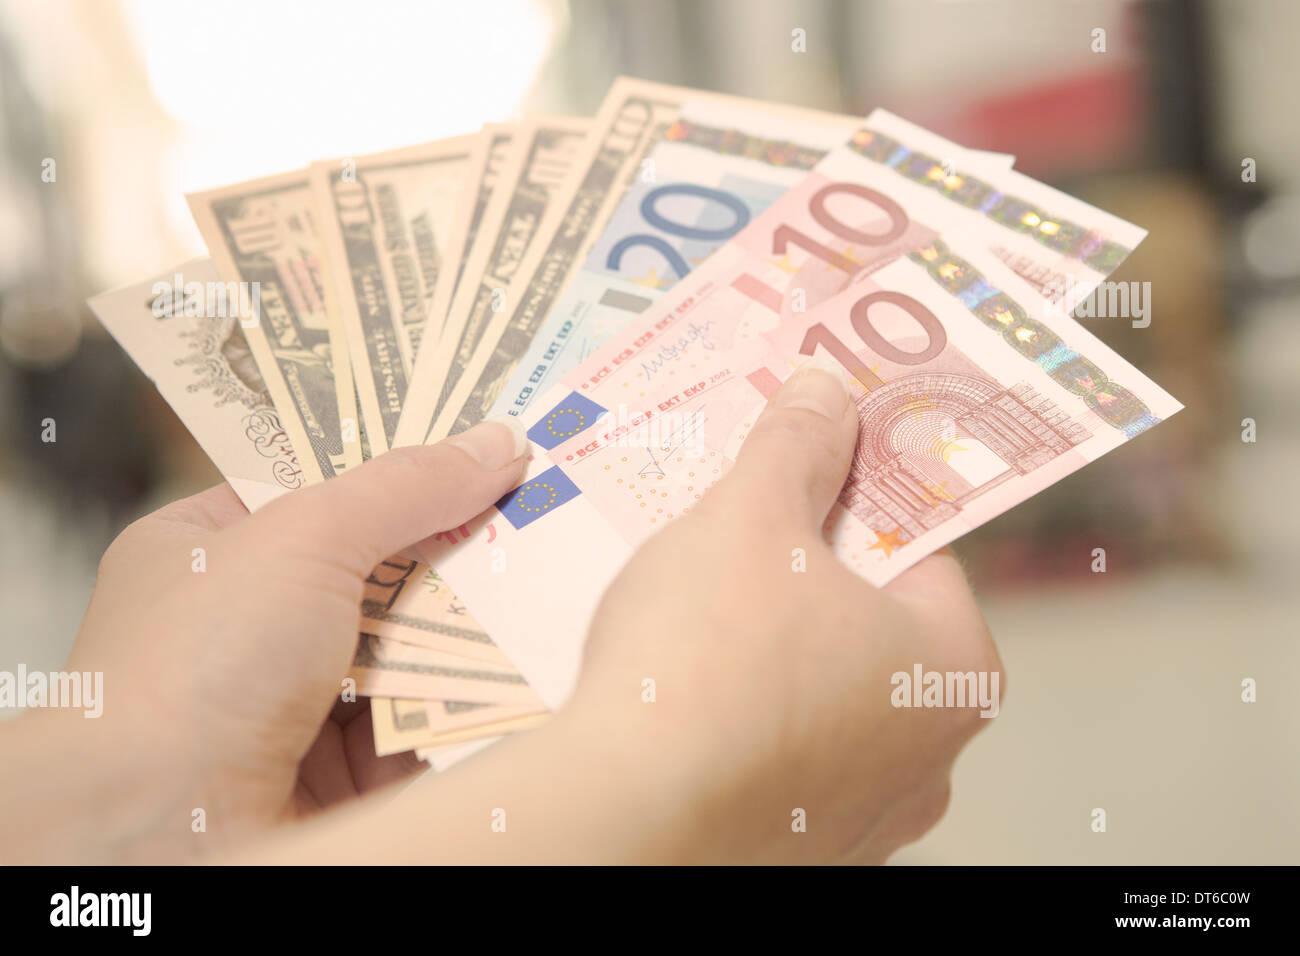 Manos sosteniendo femenino estadounidense, británico y el Banco Europeo observa Imagen De Stock